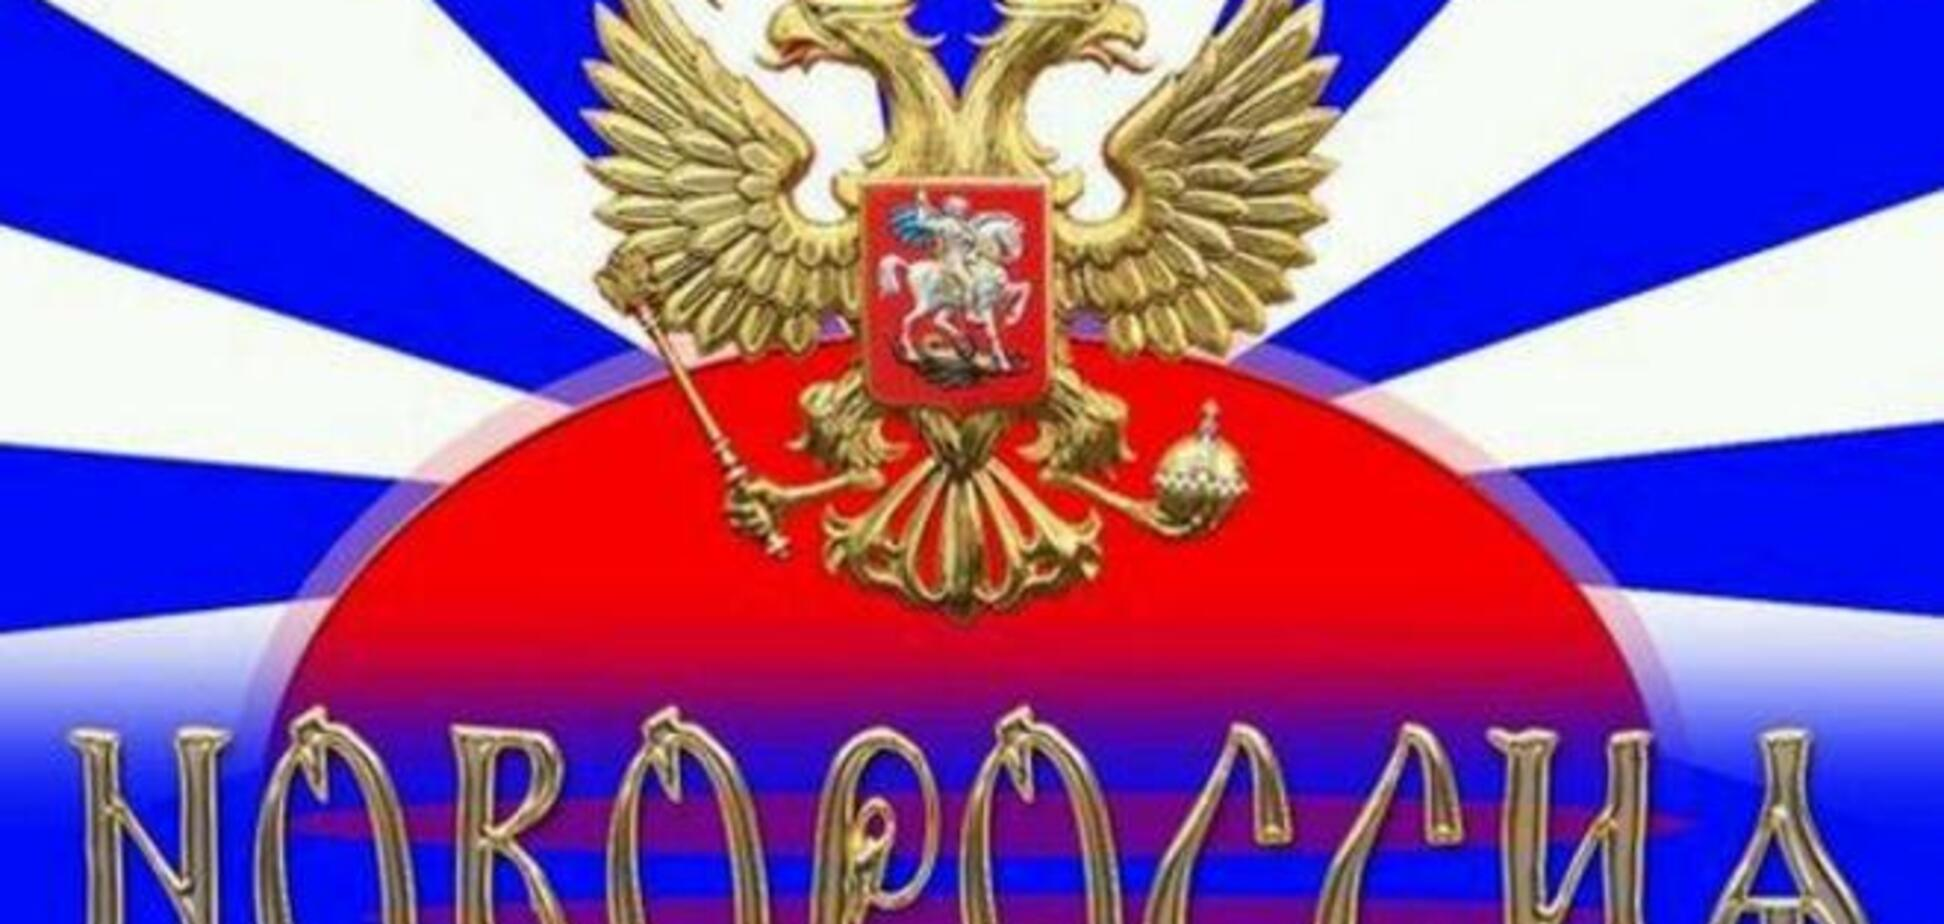 Придуманный конфликт, придуманная страна 'Новороссия'